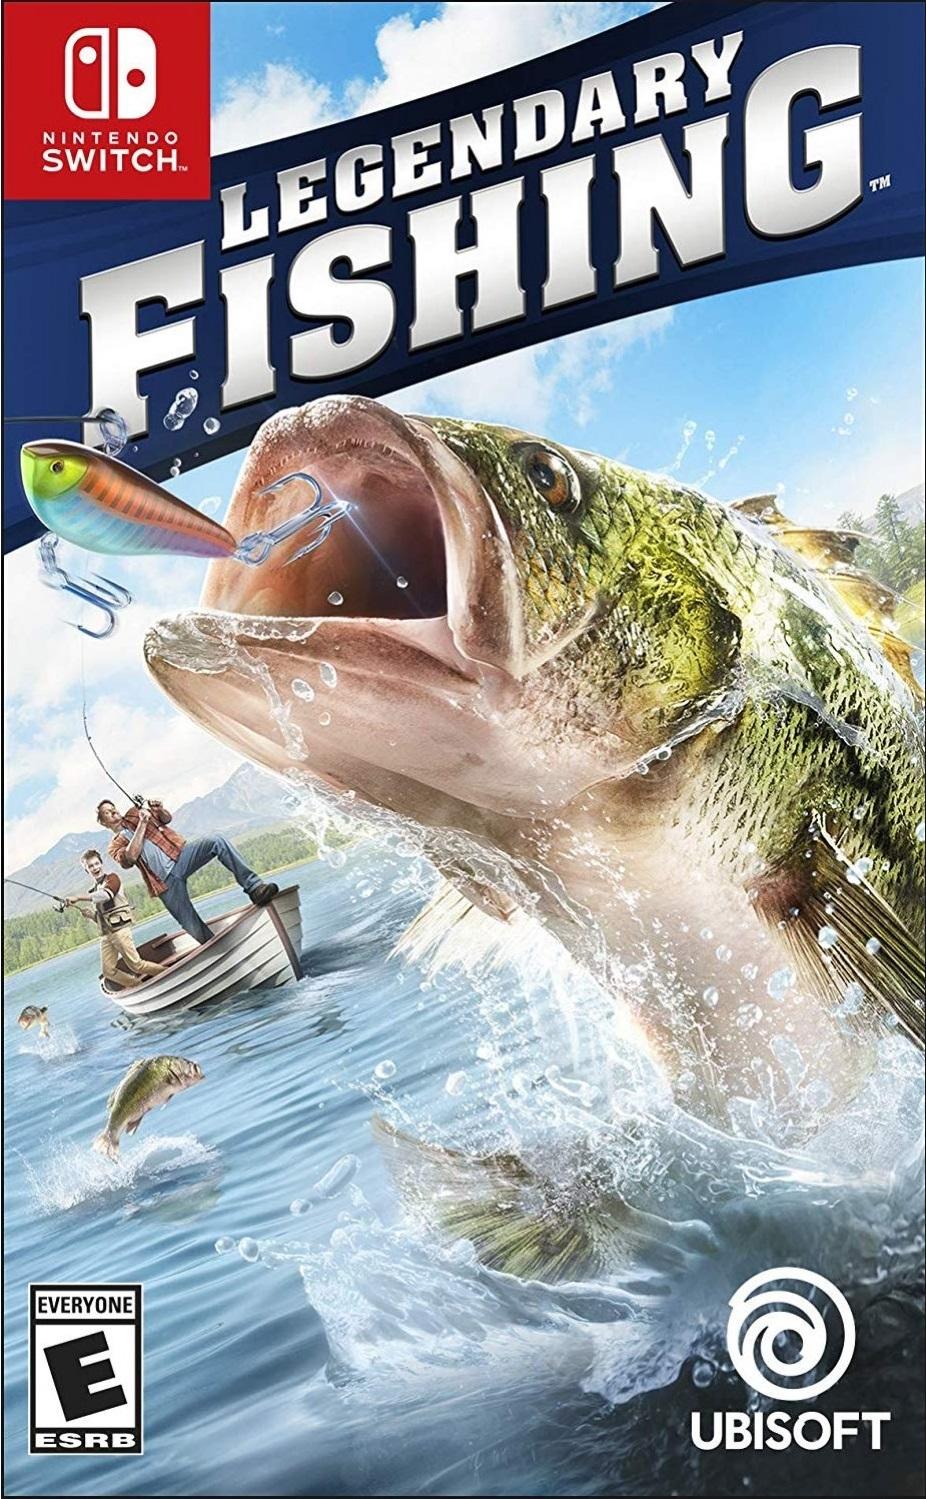 legendary-fishing-570621.1.jpg